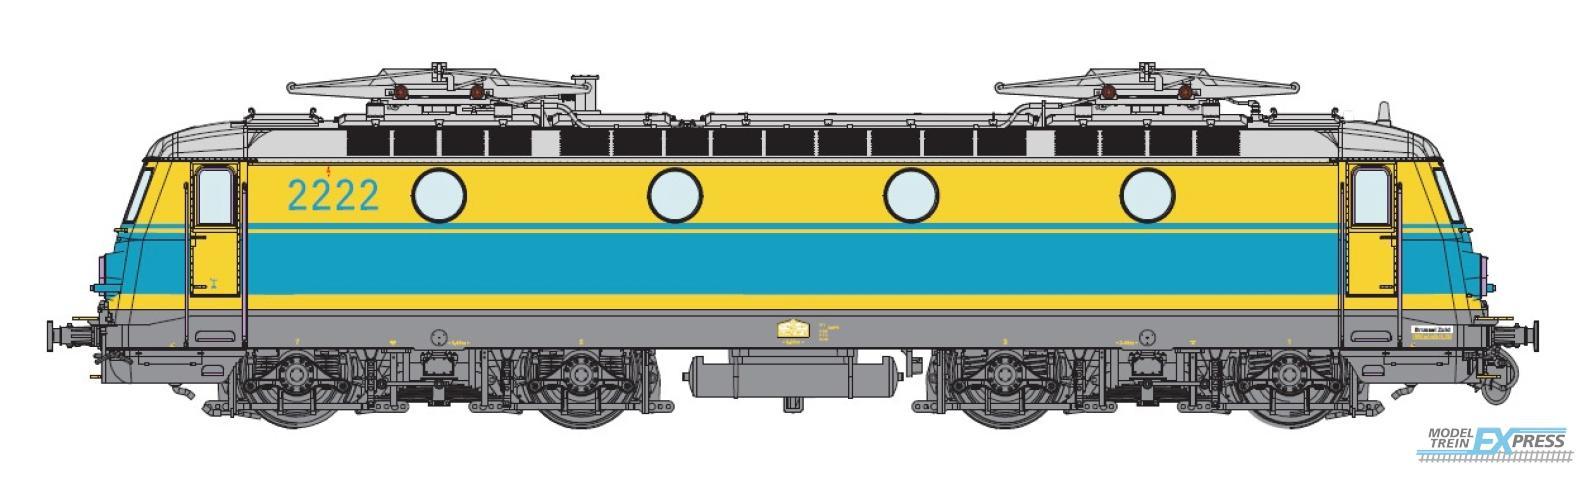 B-Models 3302.02